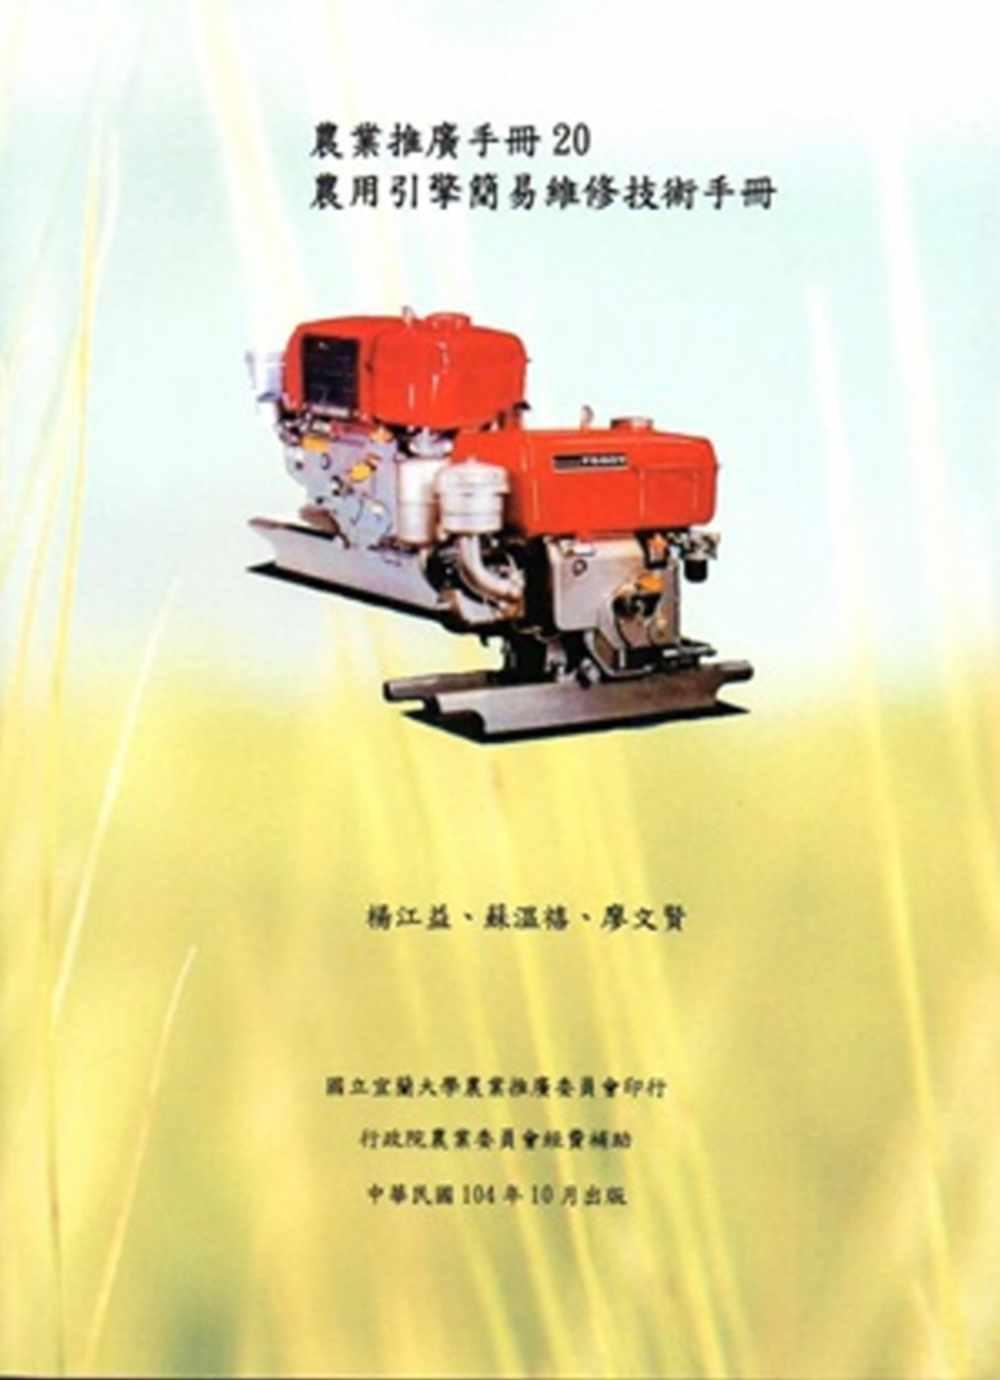 農用引擎簡易維修技術手冊